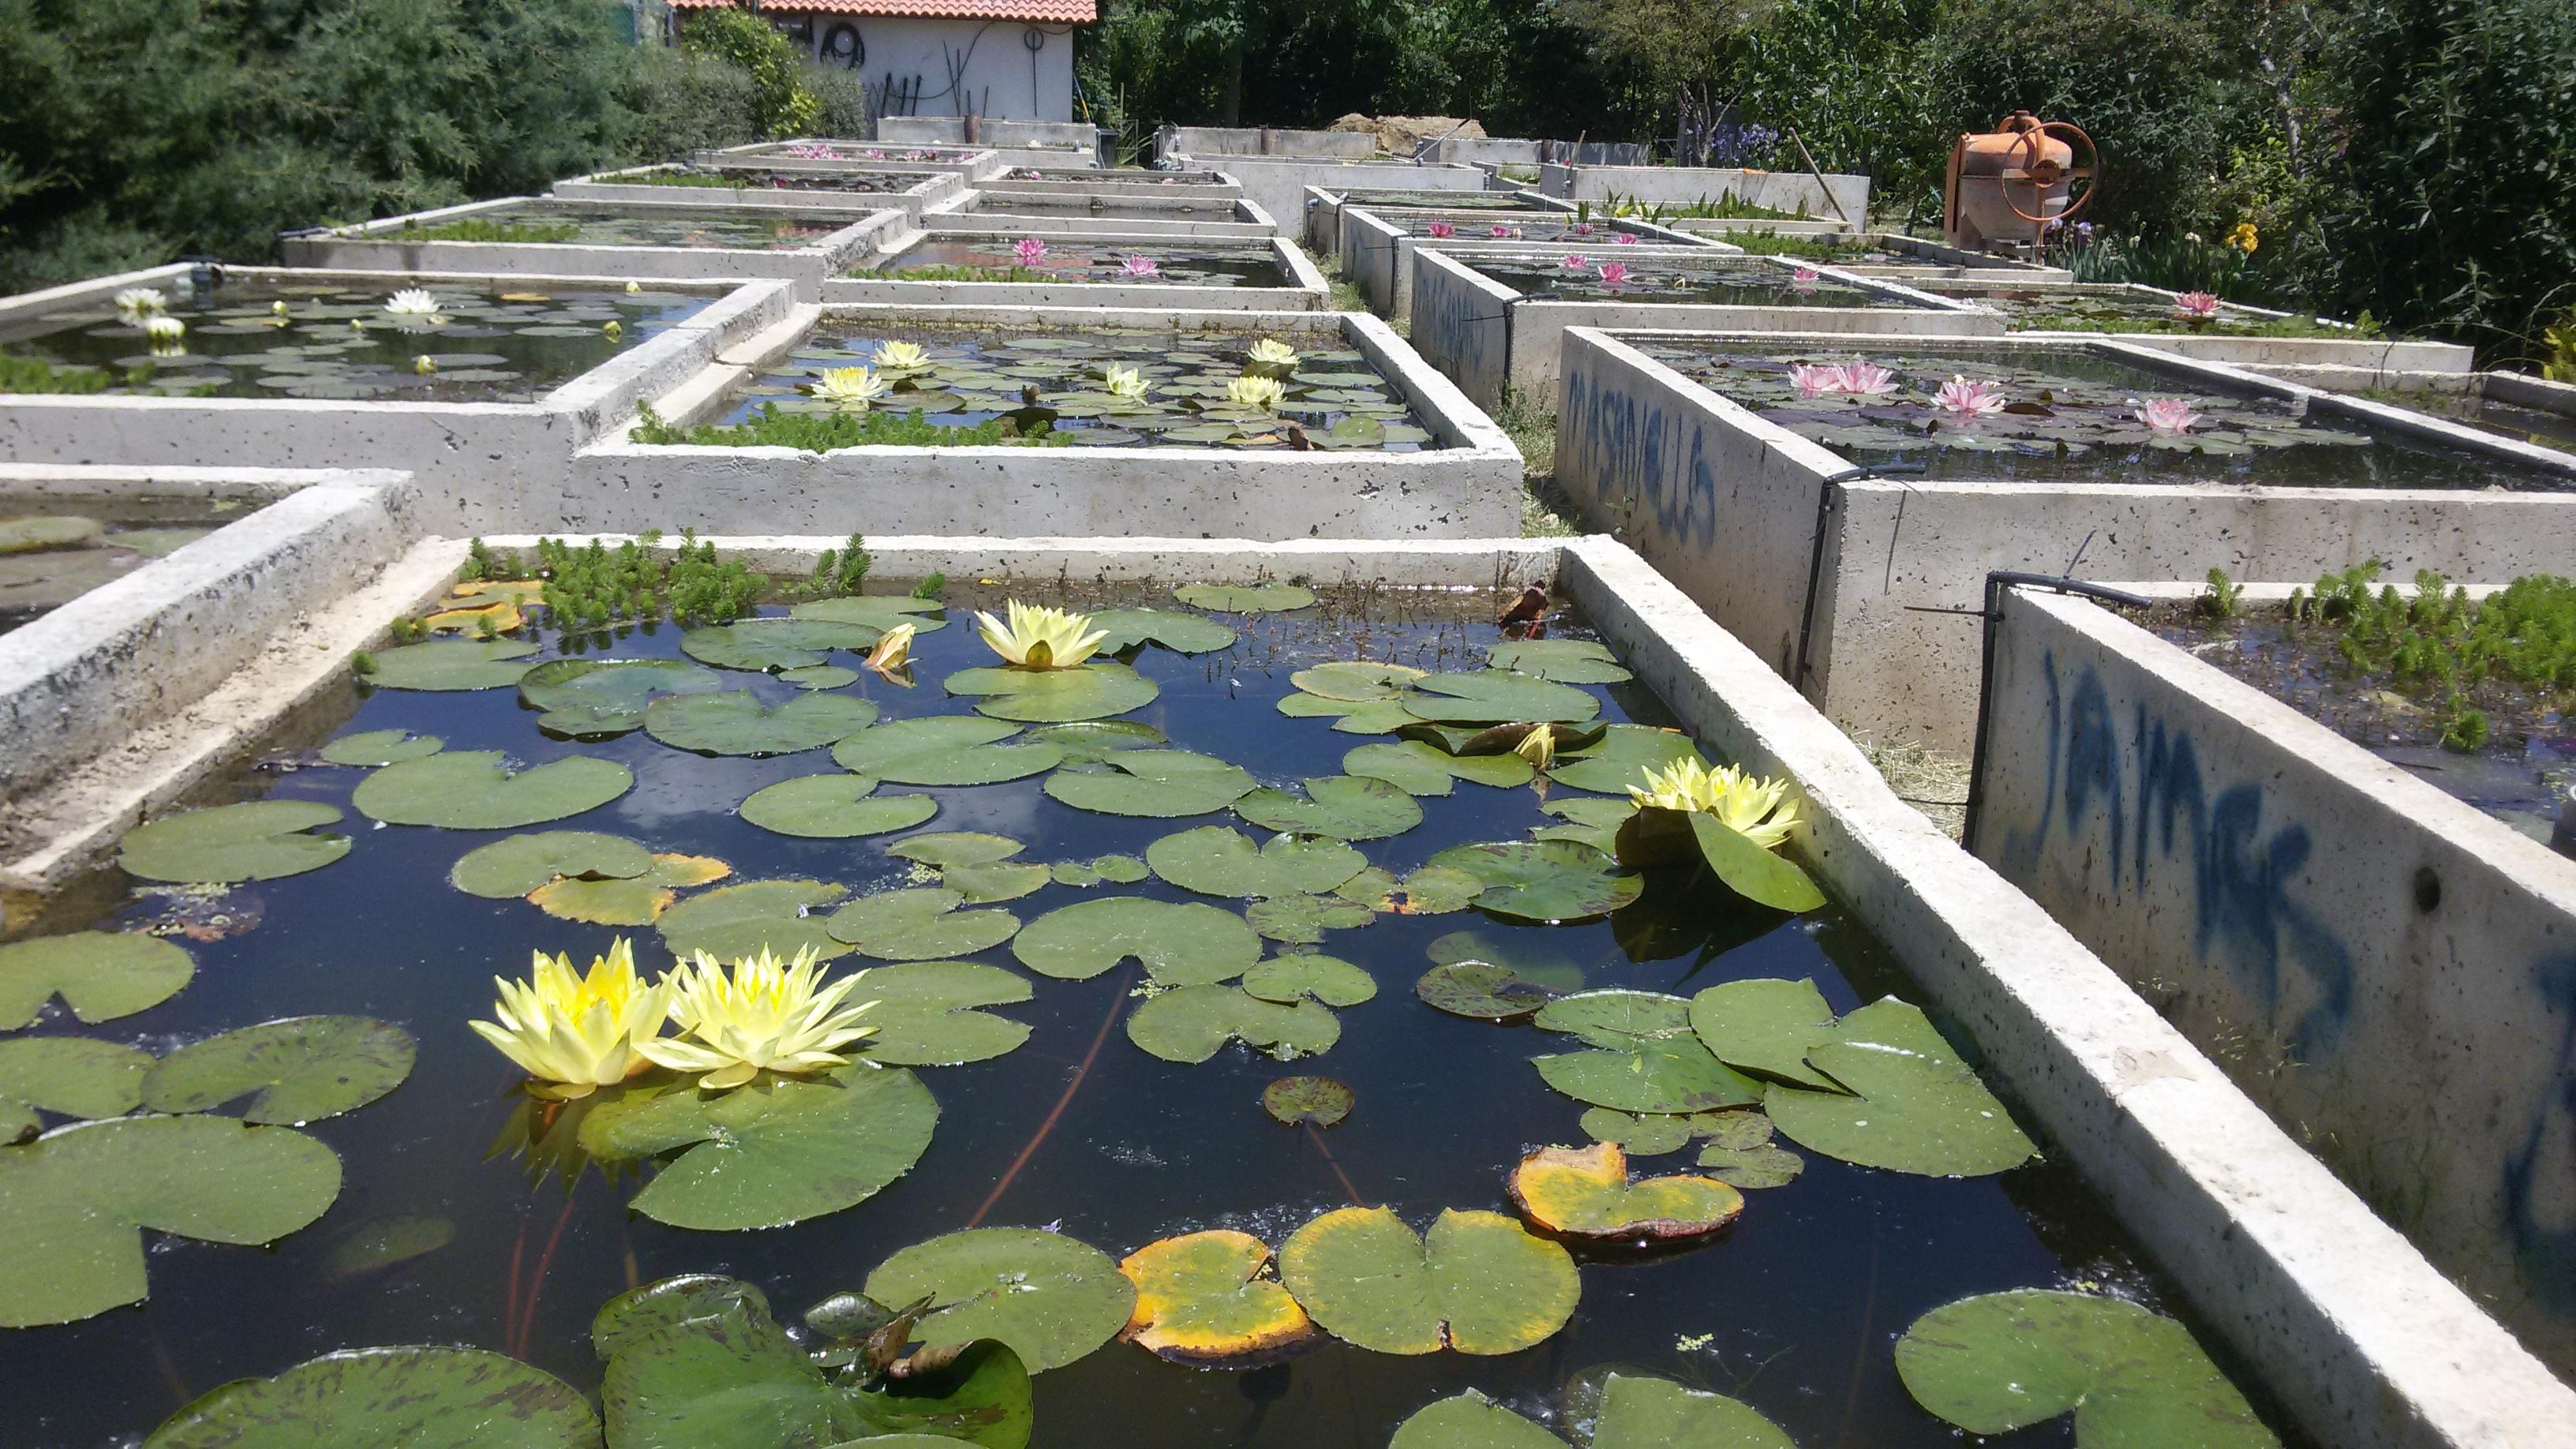 Vivero los nenufares nenufares de calidad en nuestro vivero for Vivero el estanque